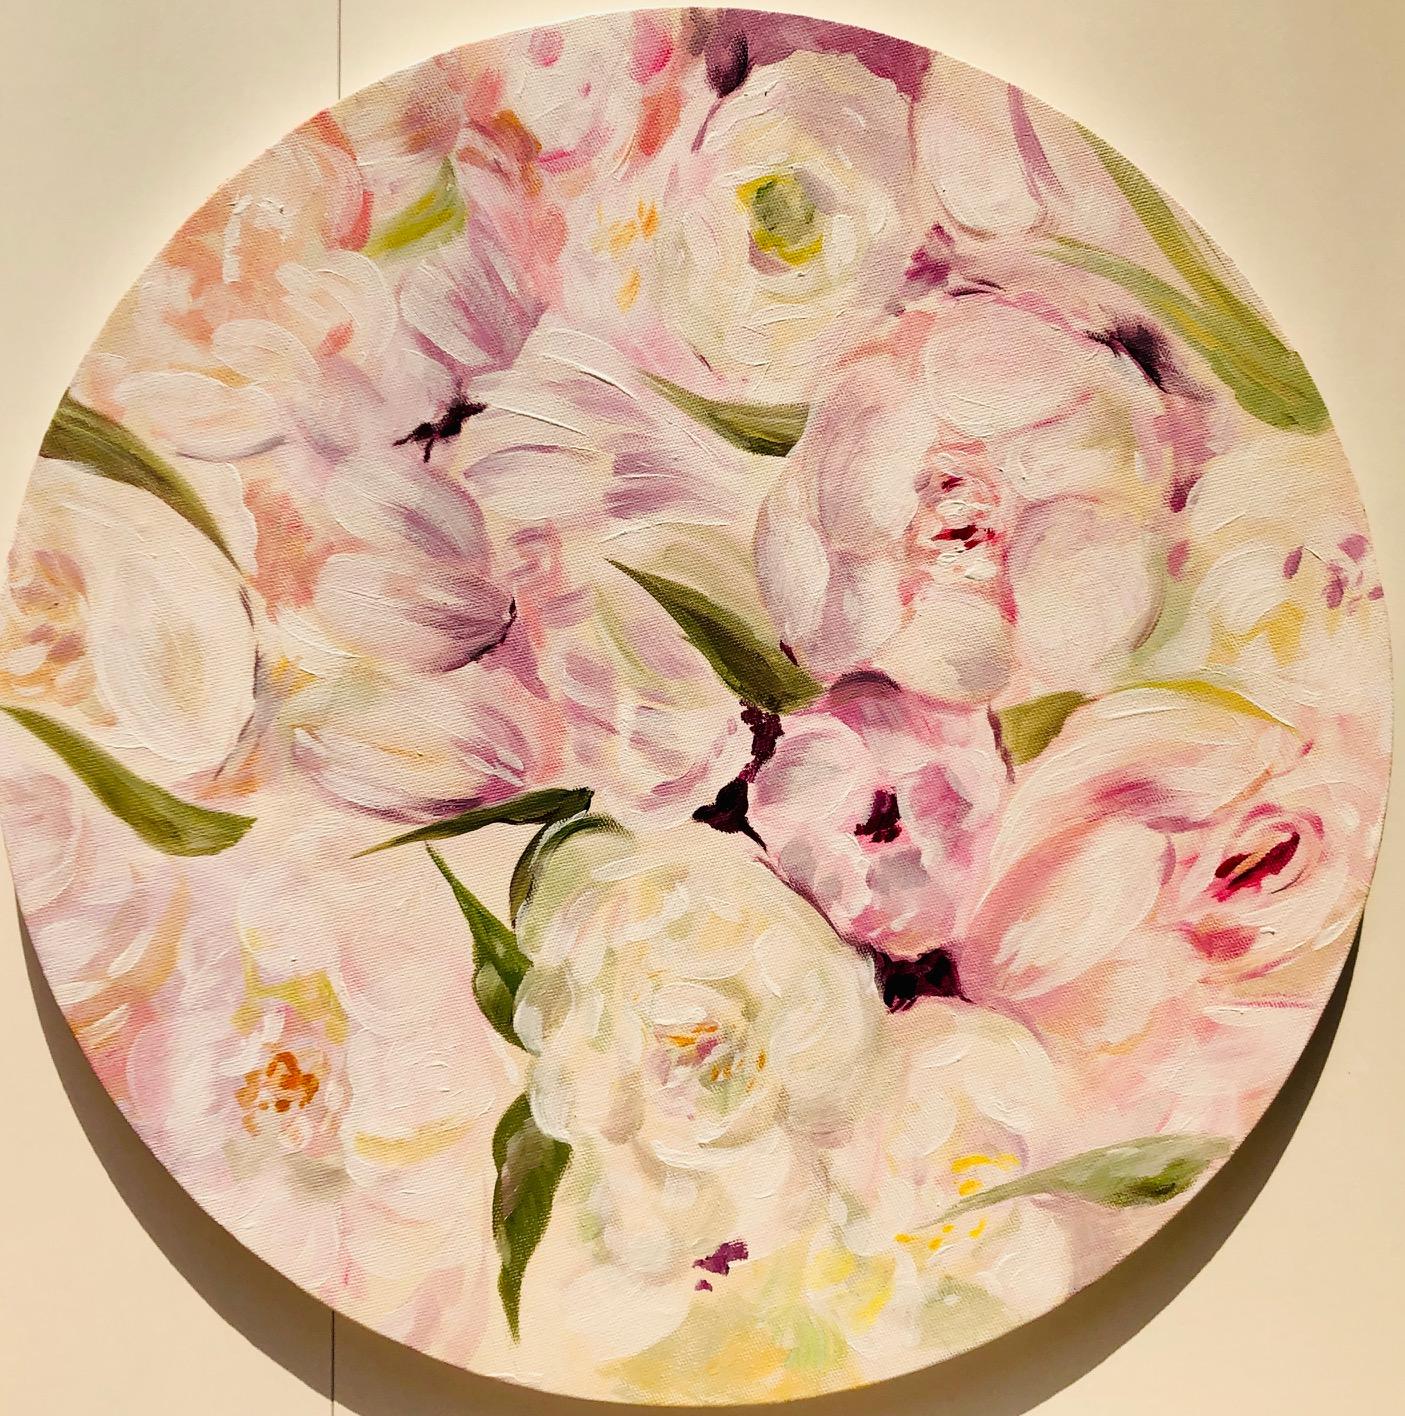 FessNeki: Million roses